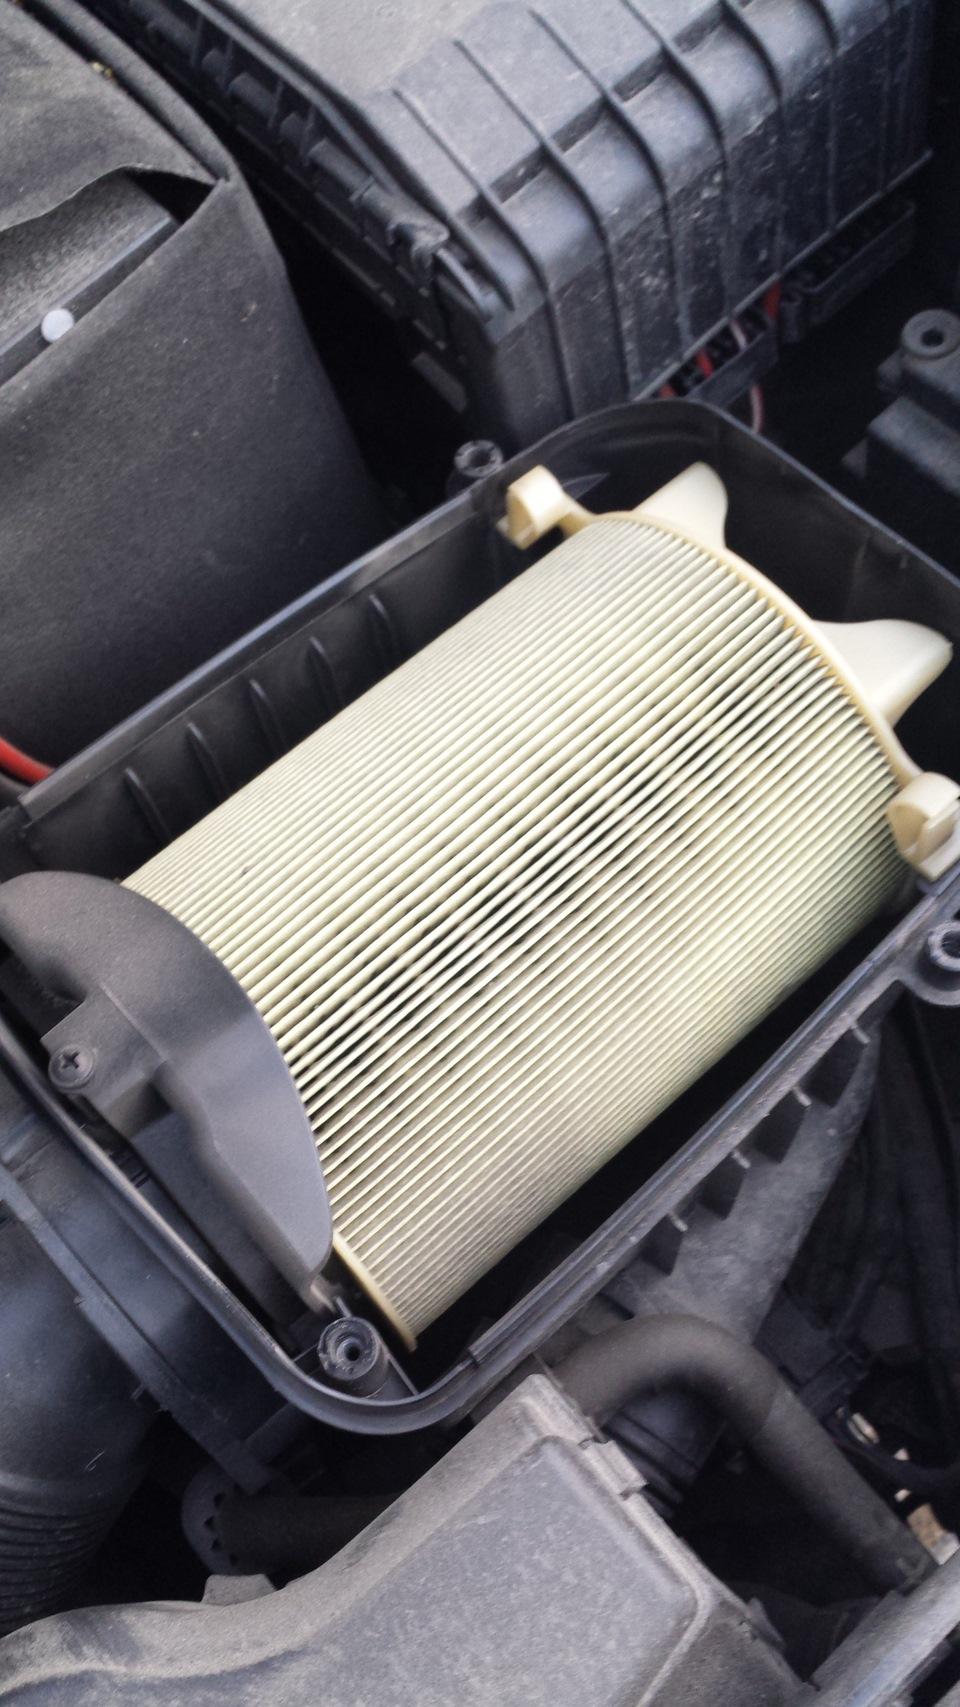 Замена воздушного фильтра шкода суперб 2 своими руками